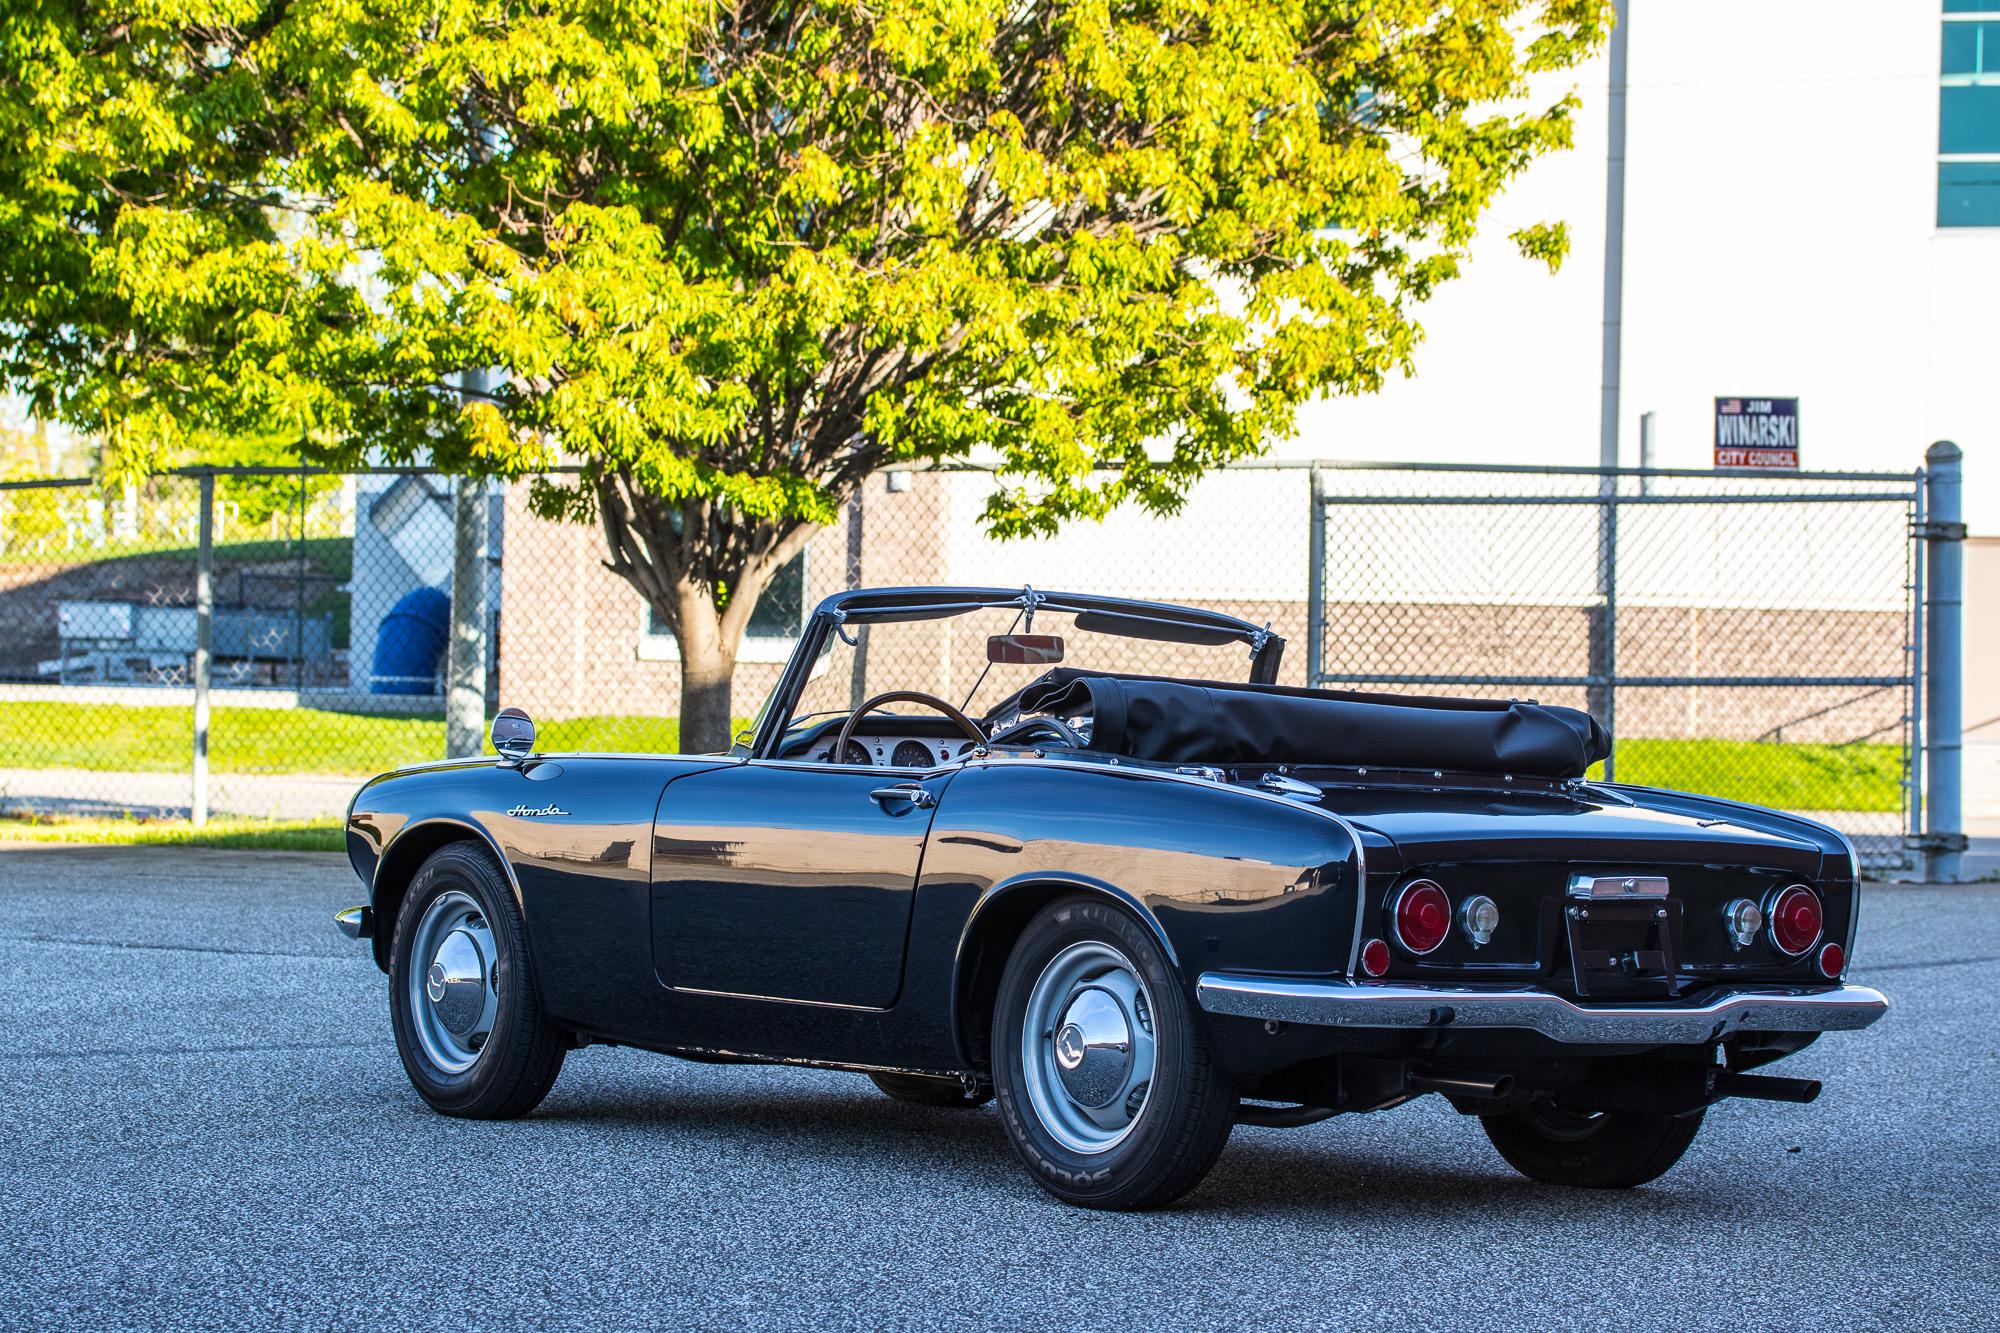 Bring A Trailer: Http://bringatrailer.com/listing/1965 Honda S600 2/